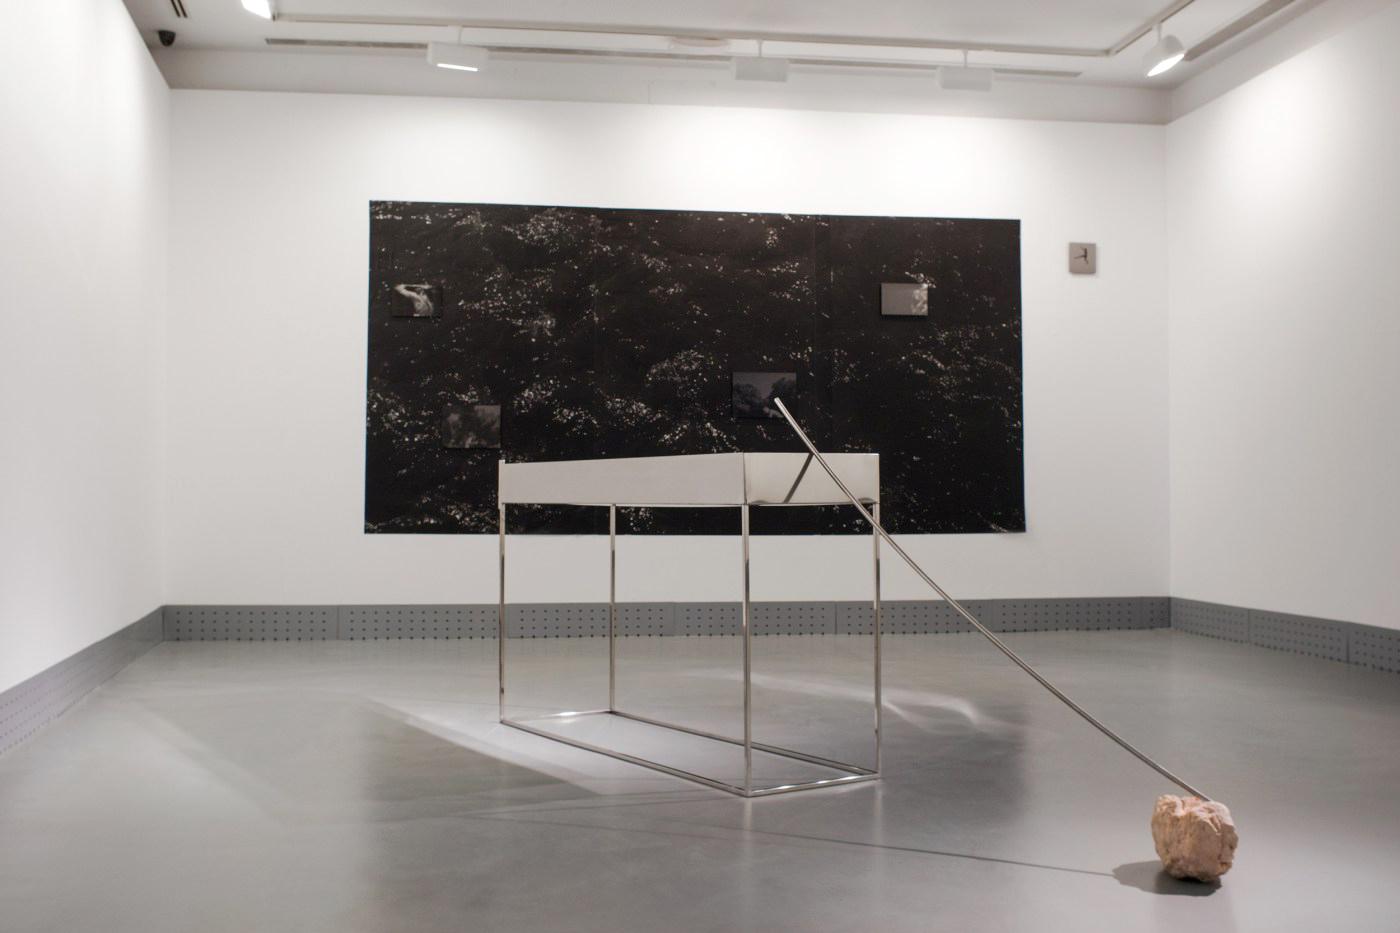 Moreno & Grau. S/T. Shore to Shore, 2017. Vista de exposición. Espacio Iniciarte